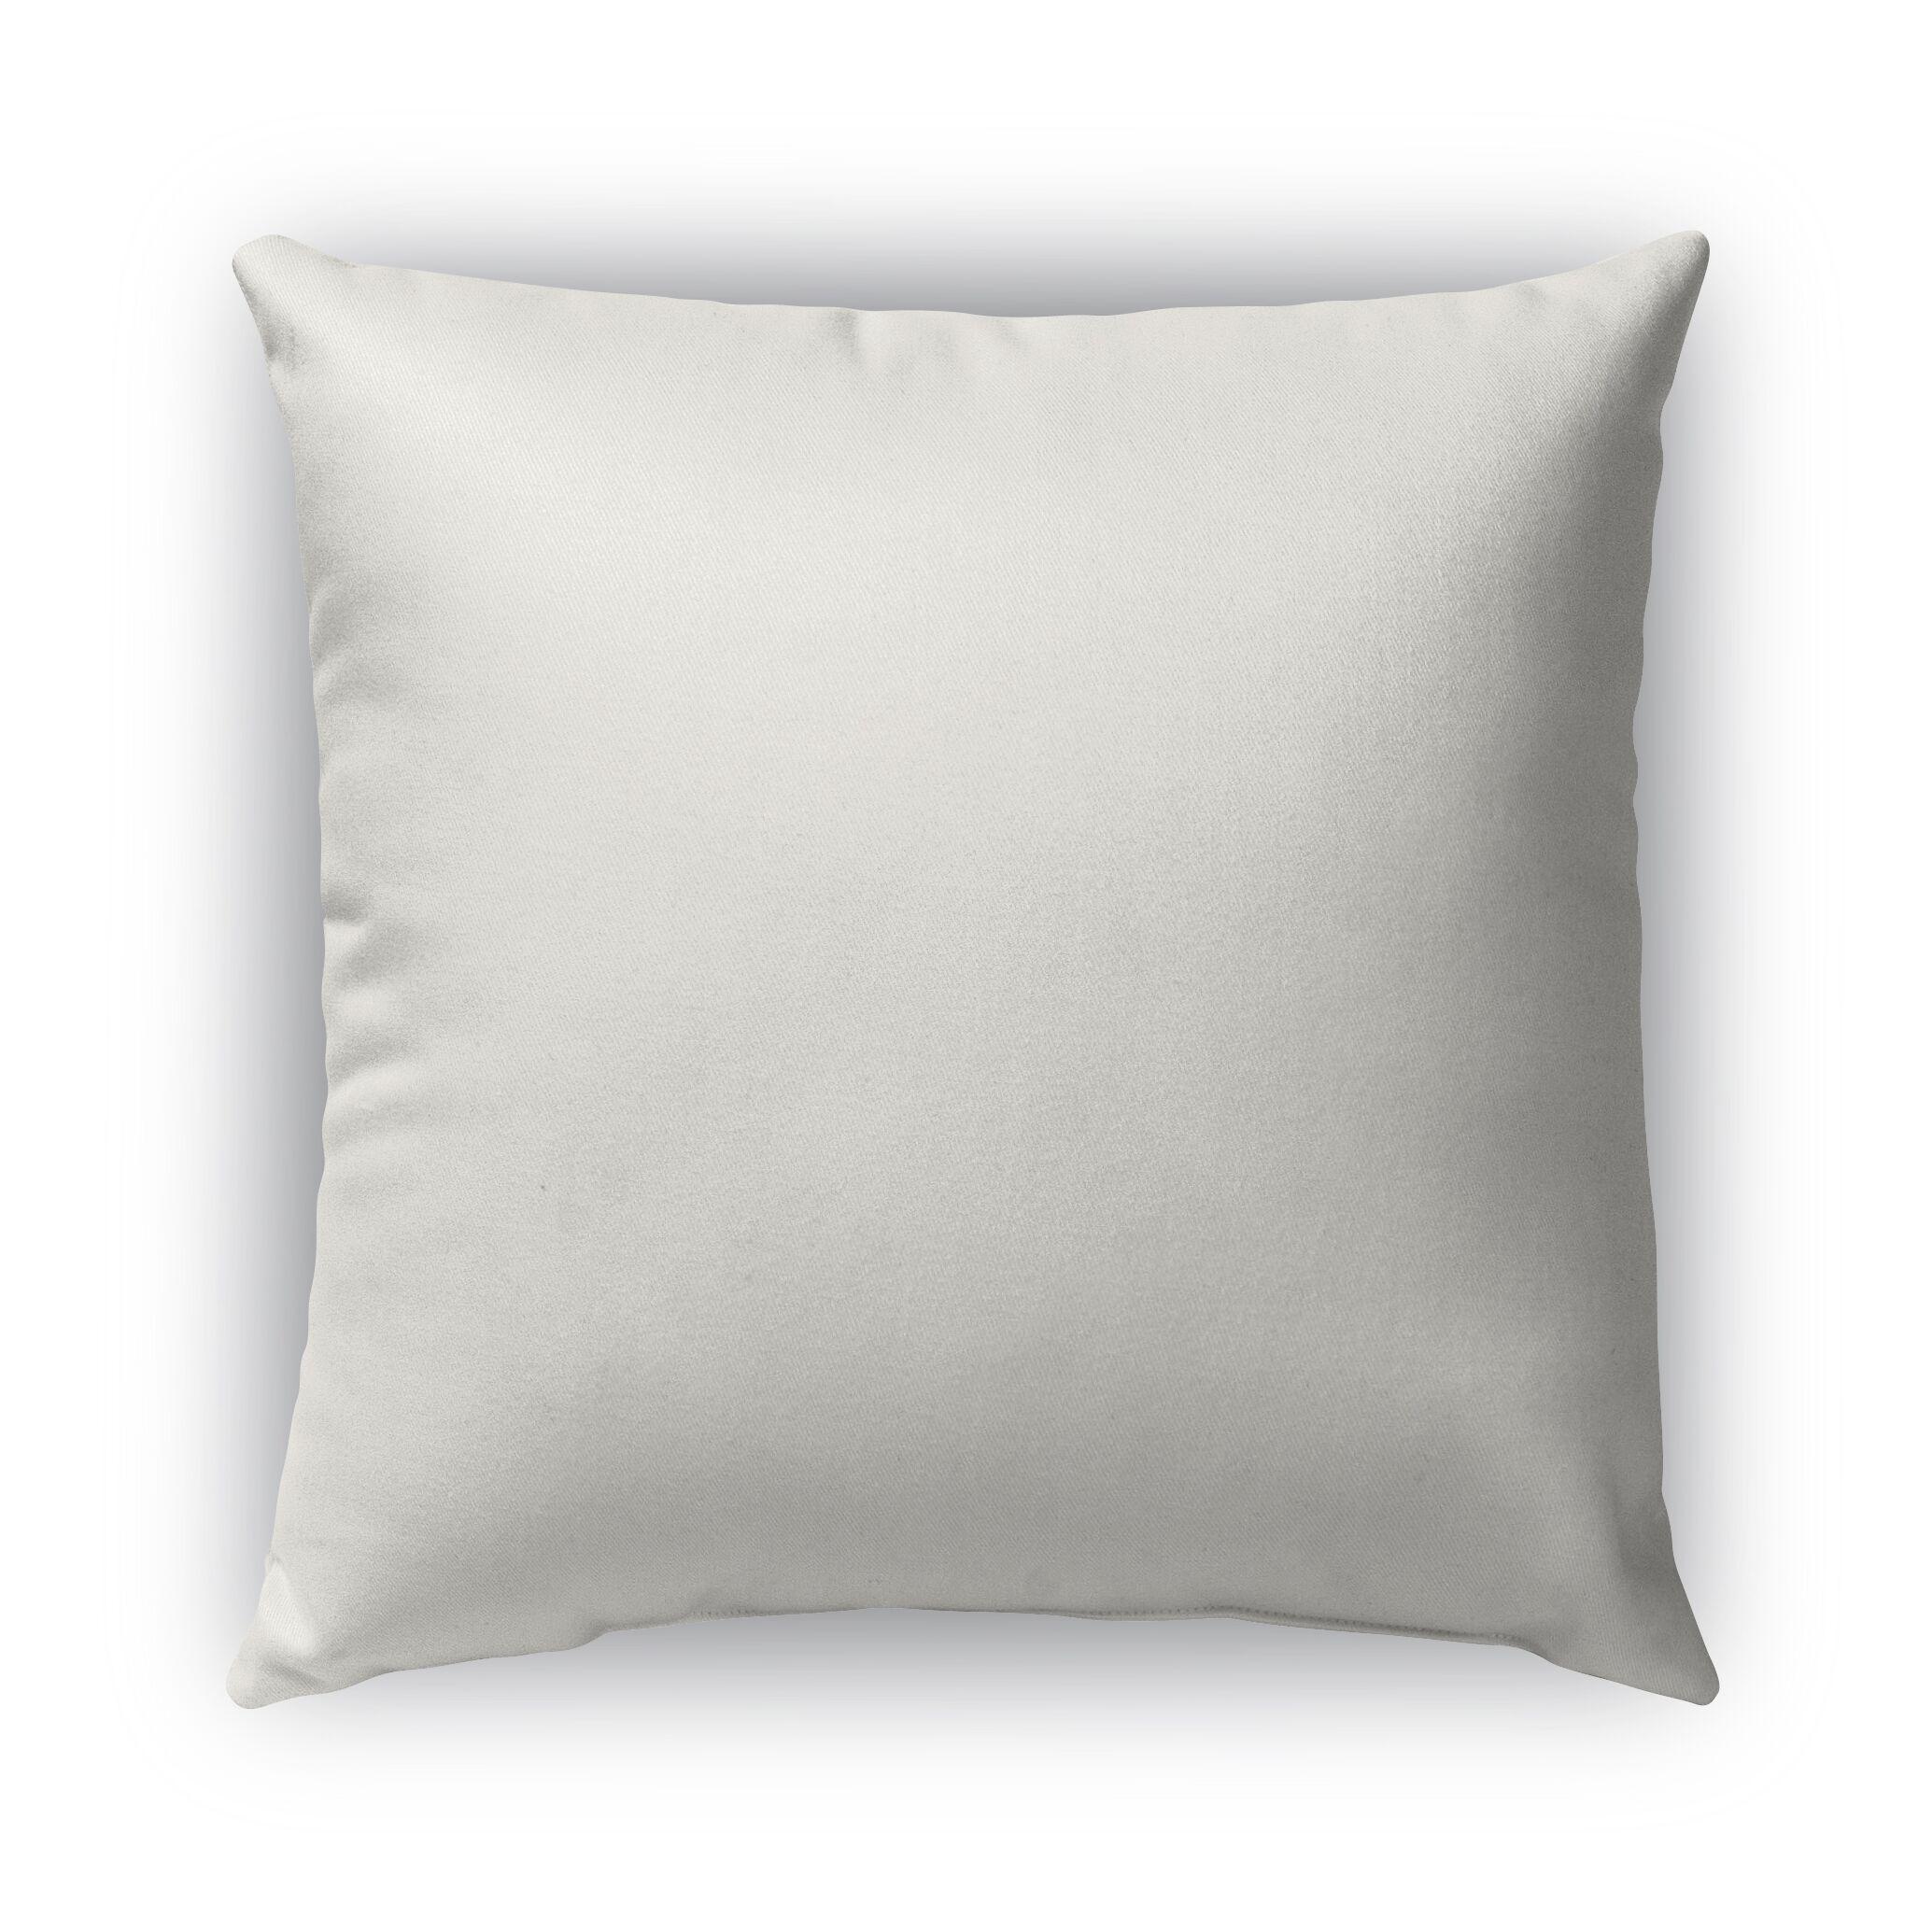 Oasis Burlap Indoor/Outdoor Pillow Size: 26